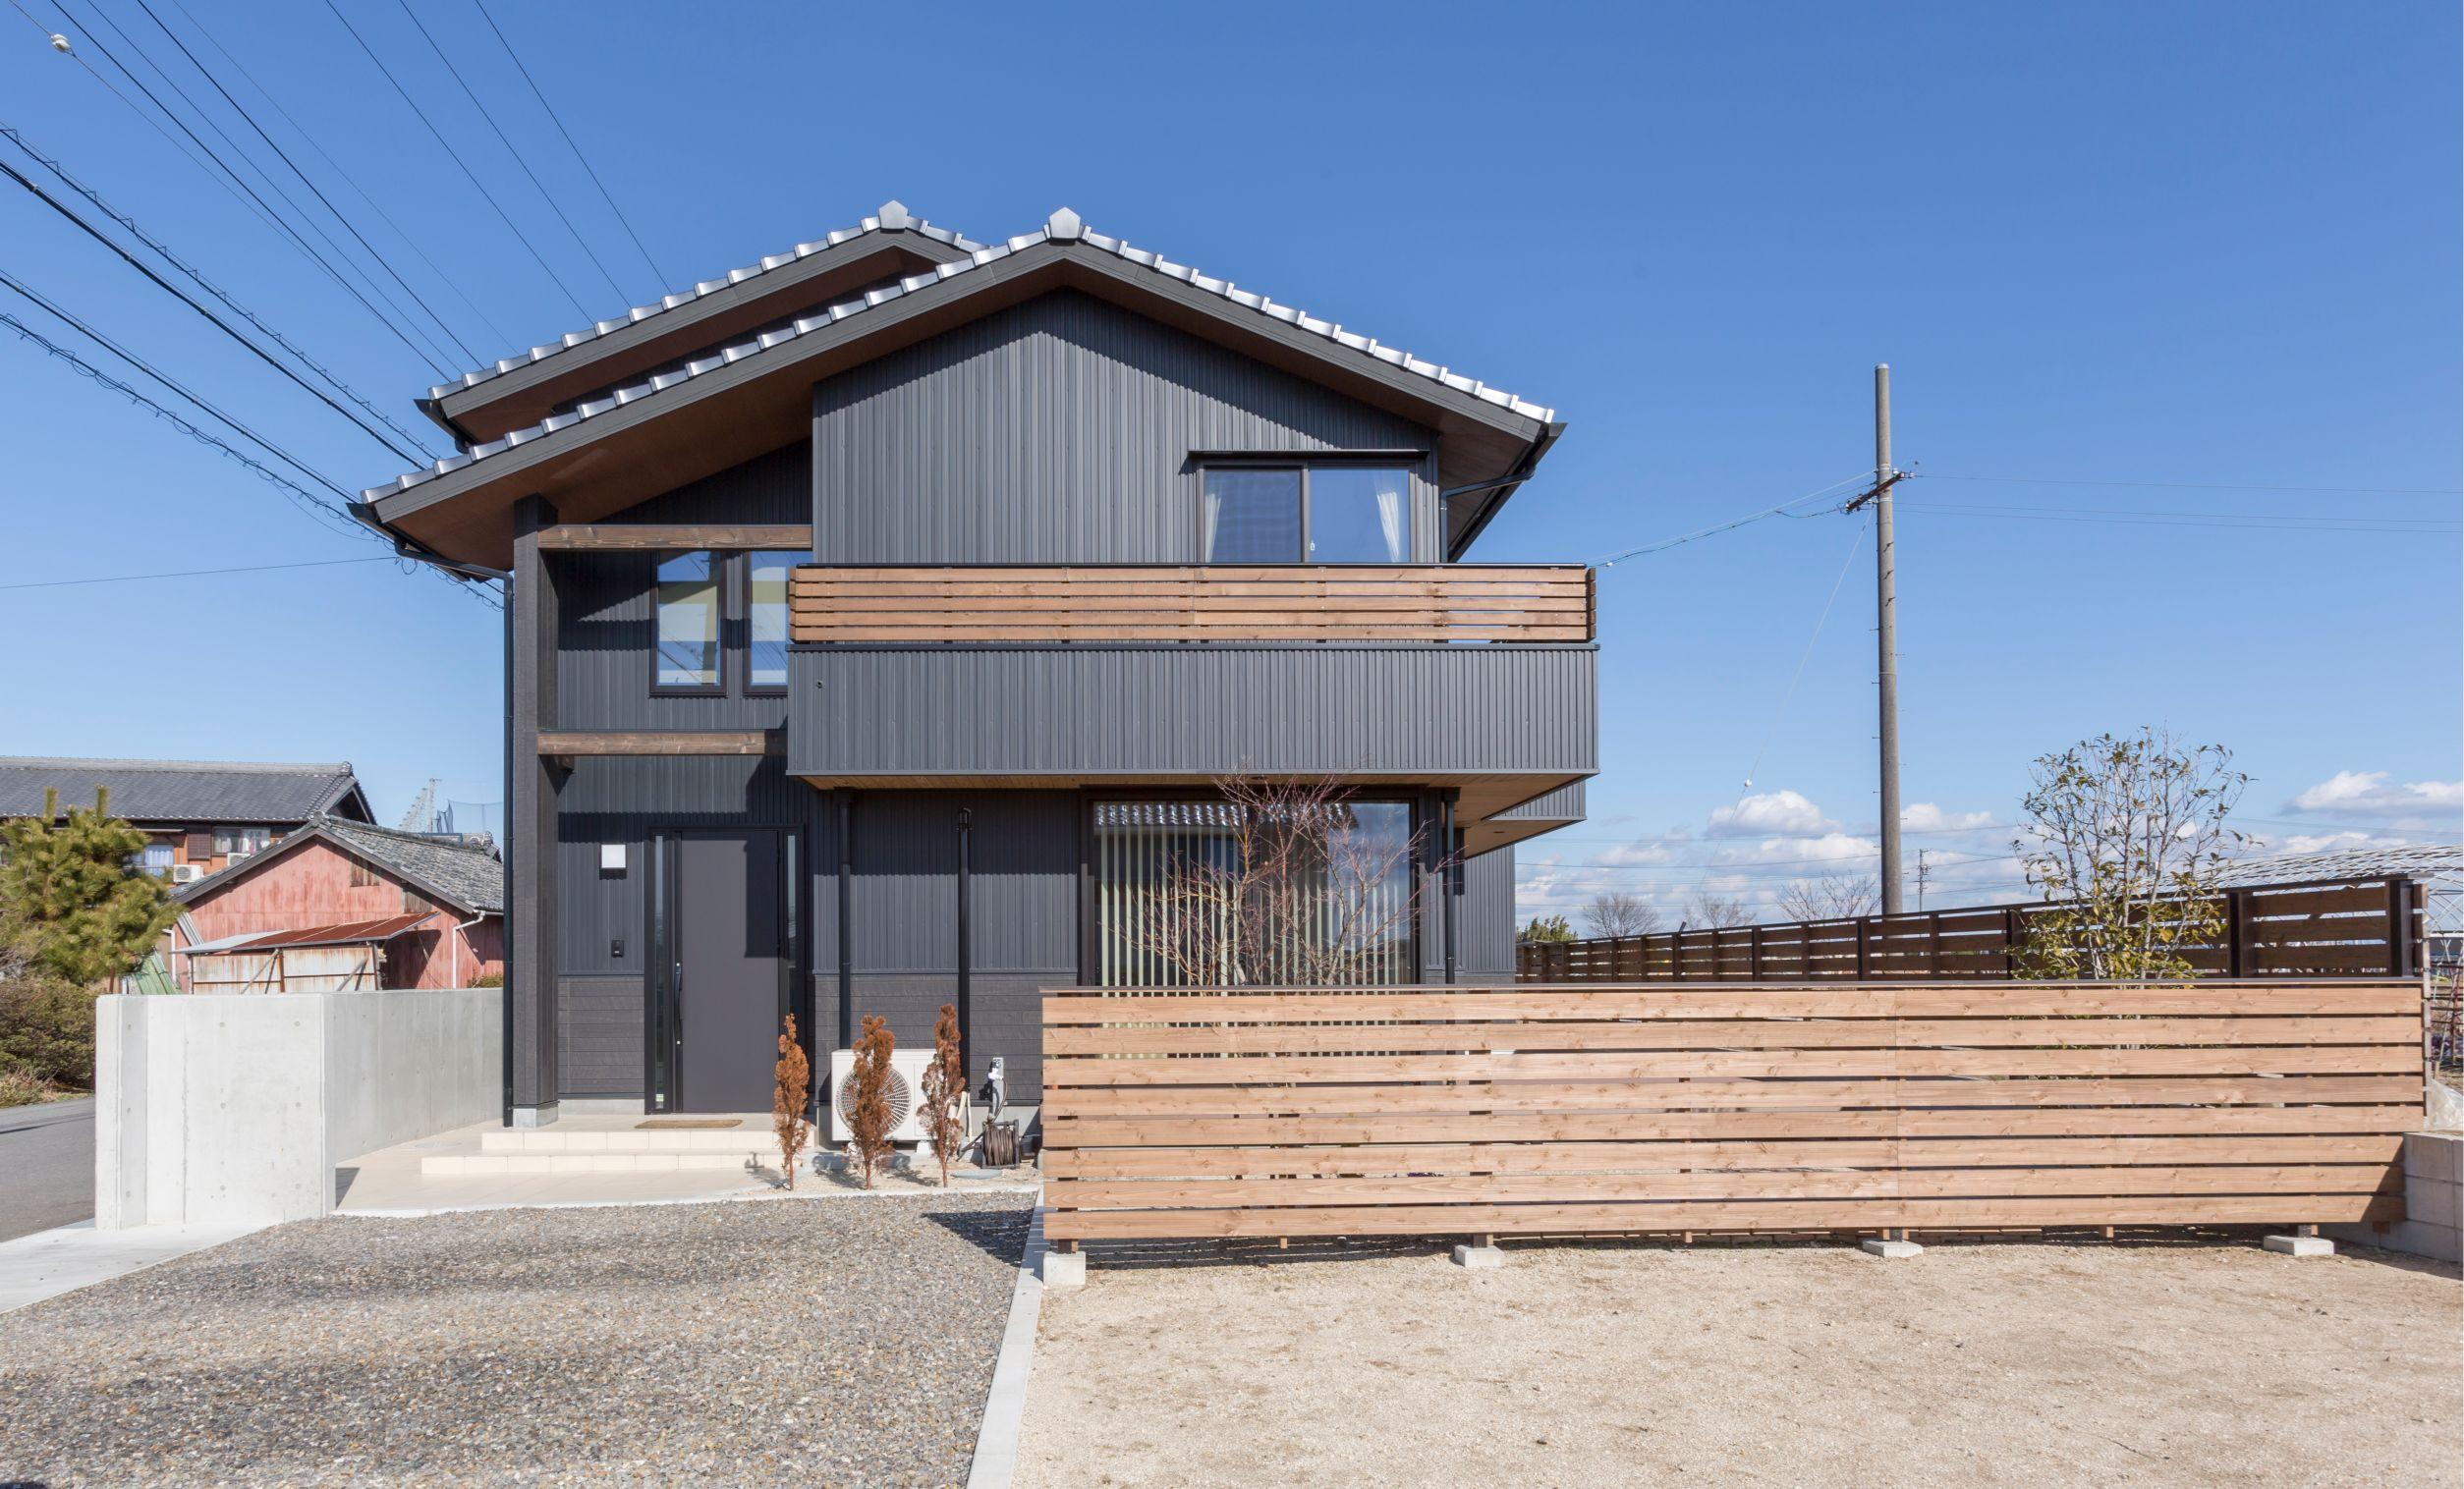 丸洋建設 ハウスオブハウス【趣味、間取り、ガレージ】周囲と調和の取れた外観